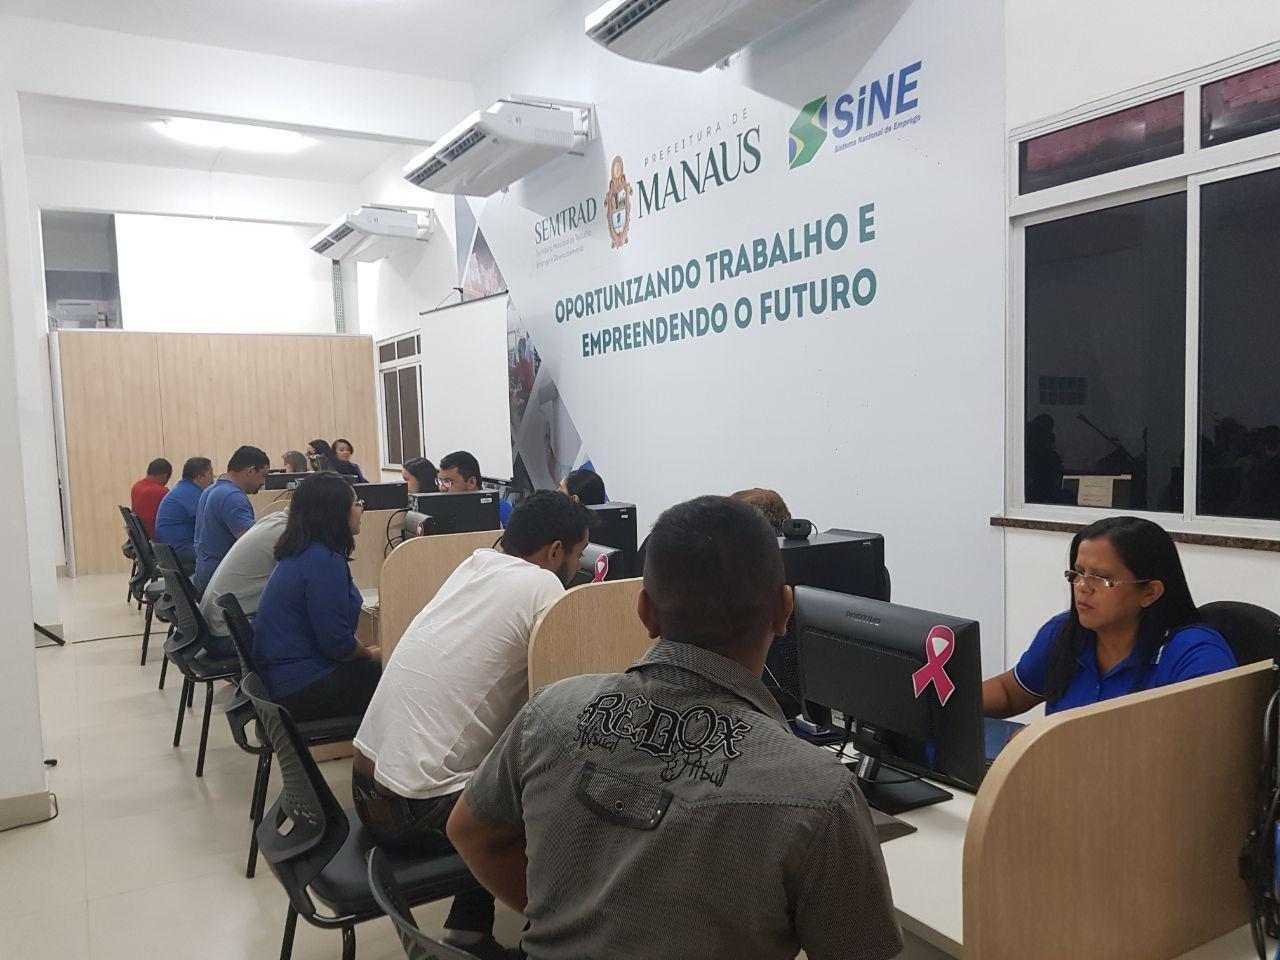 Sine Manaus oferece mais de 100 vagas de emprego, nesta quarta-feira